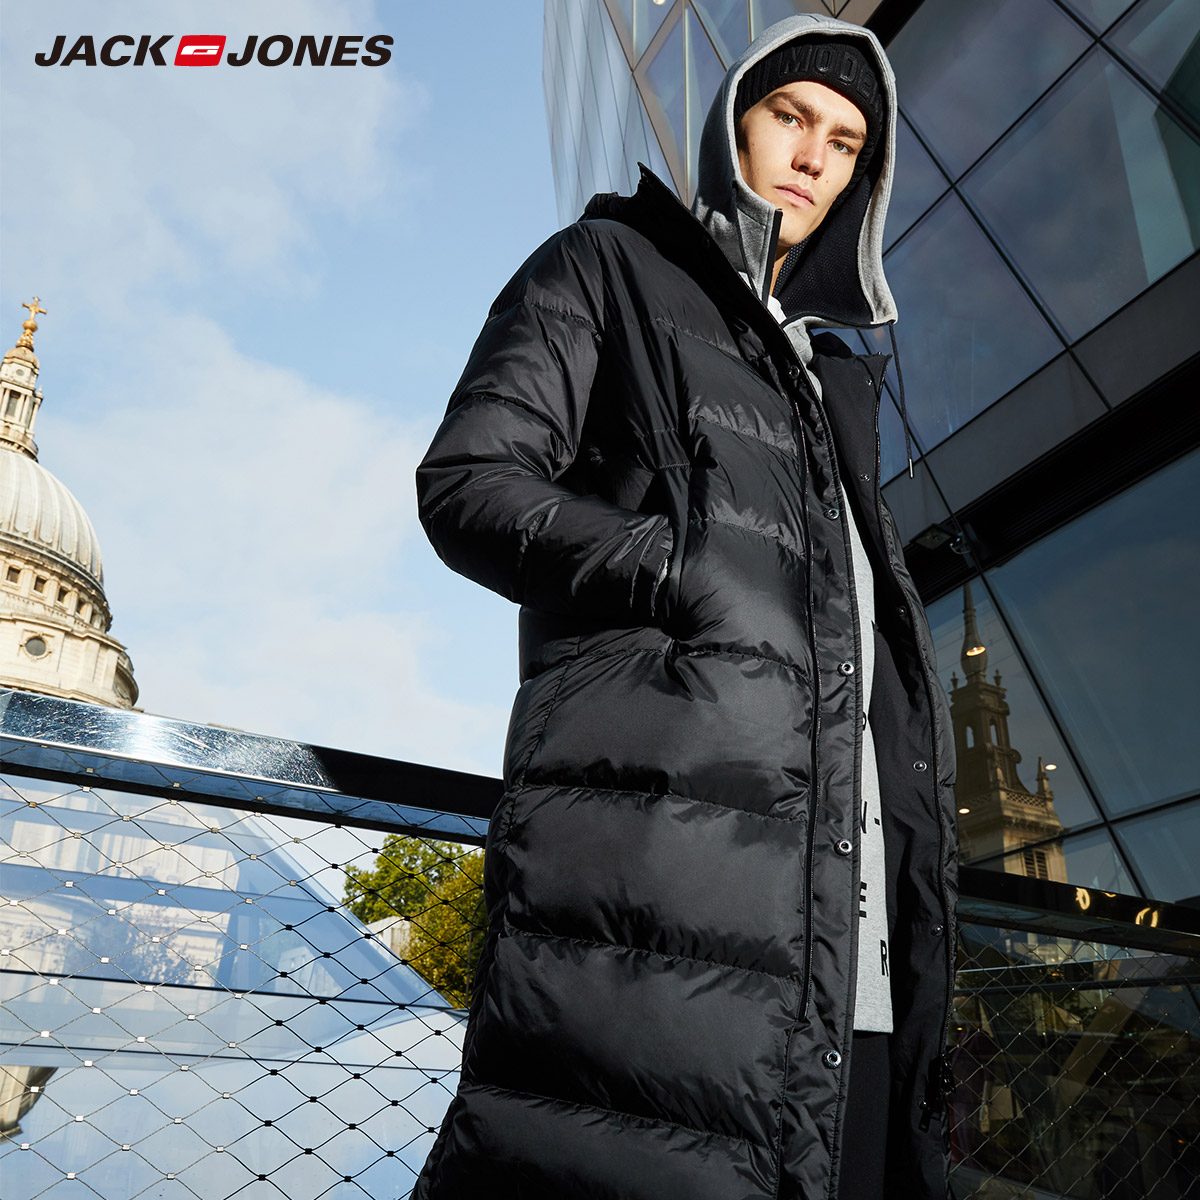 JackJones для мужчин зимние длинные с капюшоном уличная одежда мужской повседневное модные пуховые куртки пальто swear | 218312528